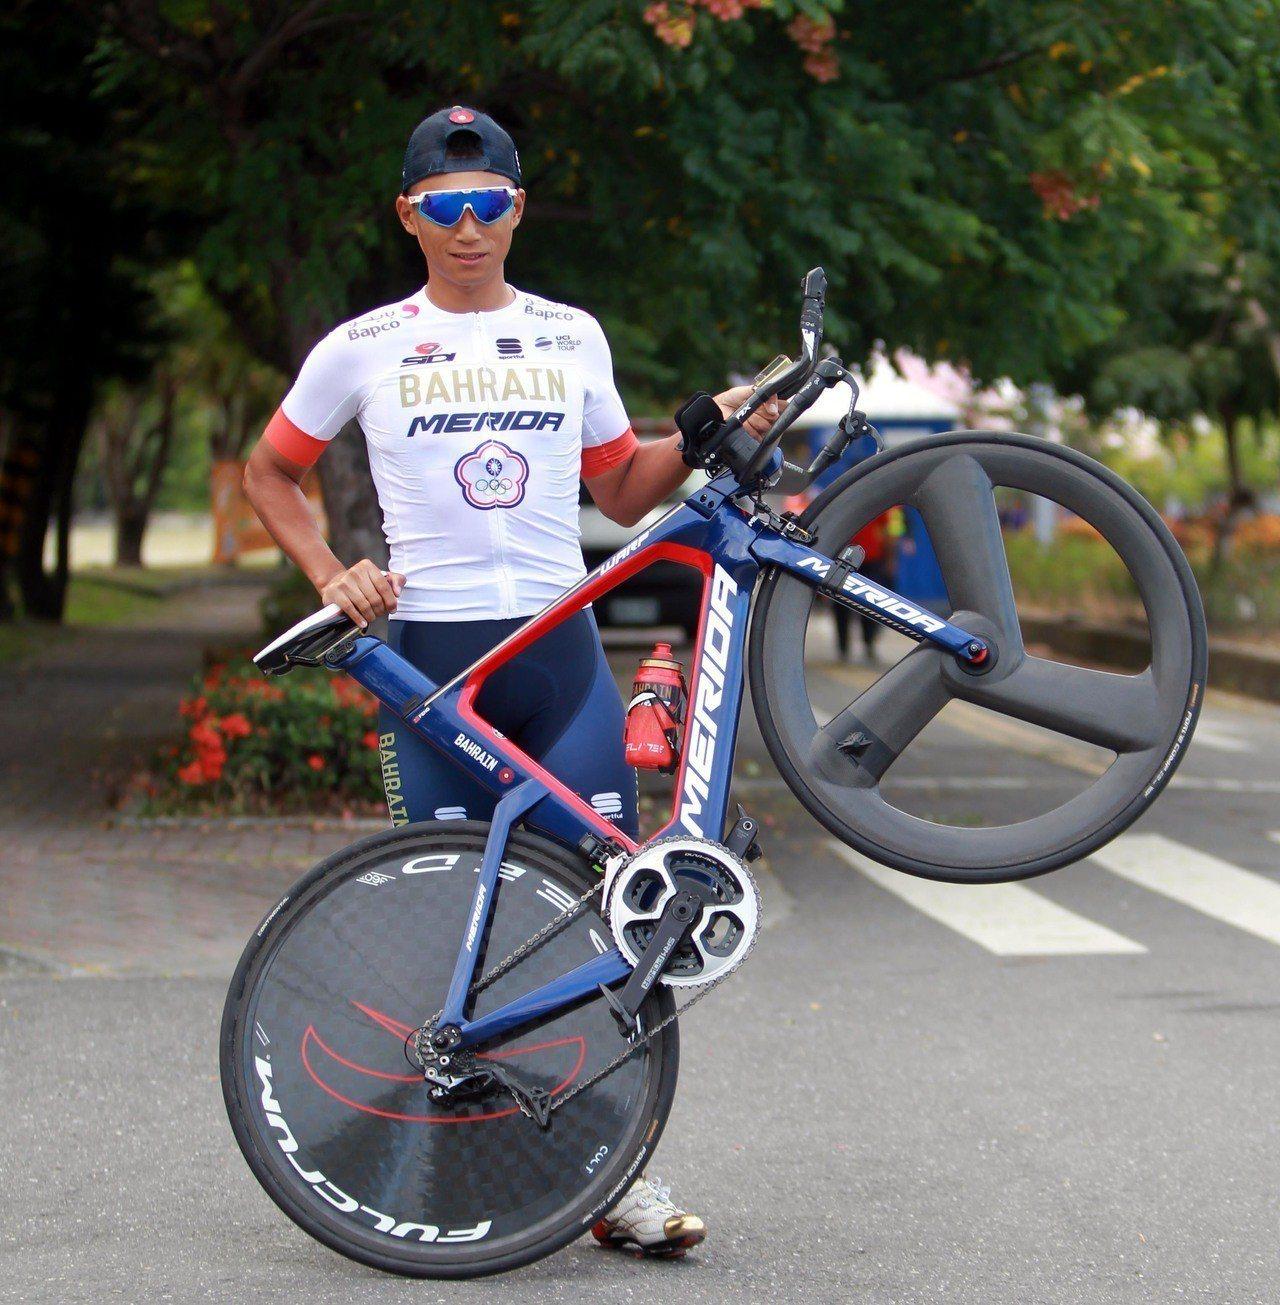 我國一哥馮俊凱這次登山王將抱病參賽。圖/中華民國自行車騎士協會提供